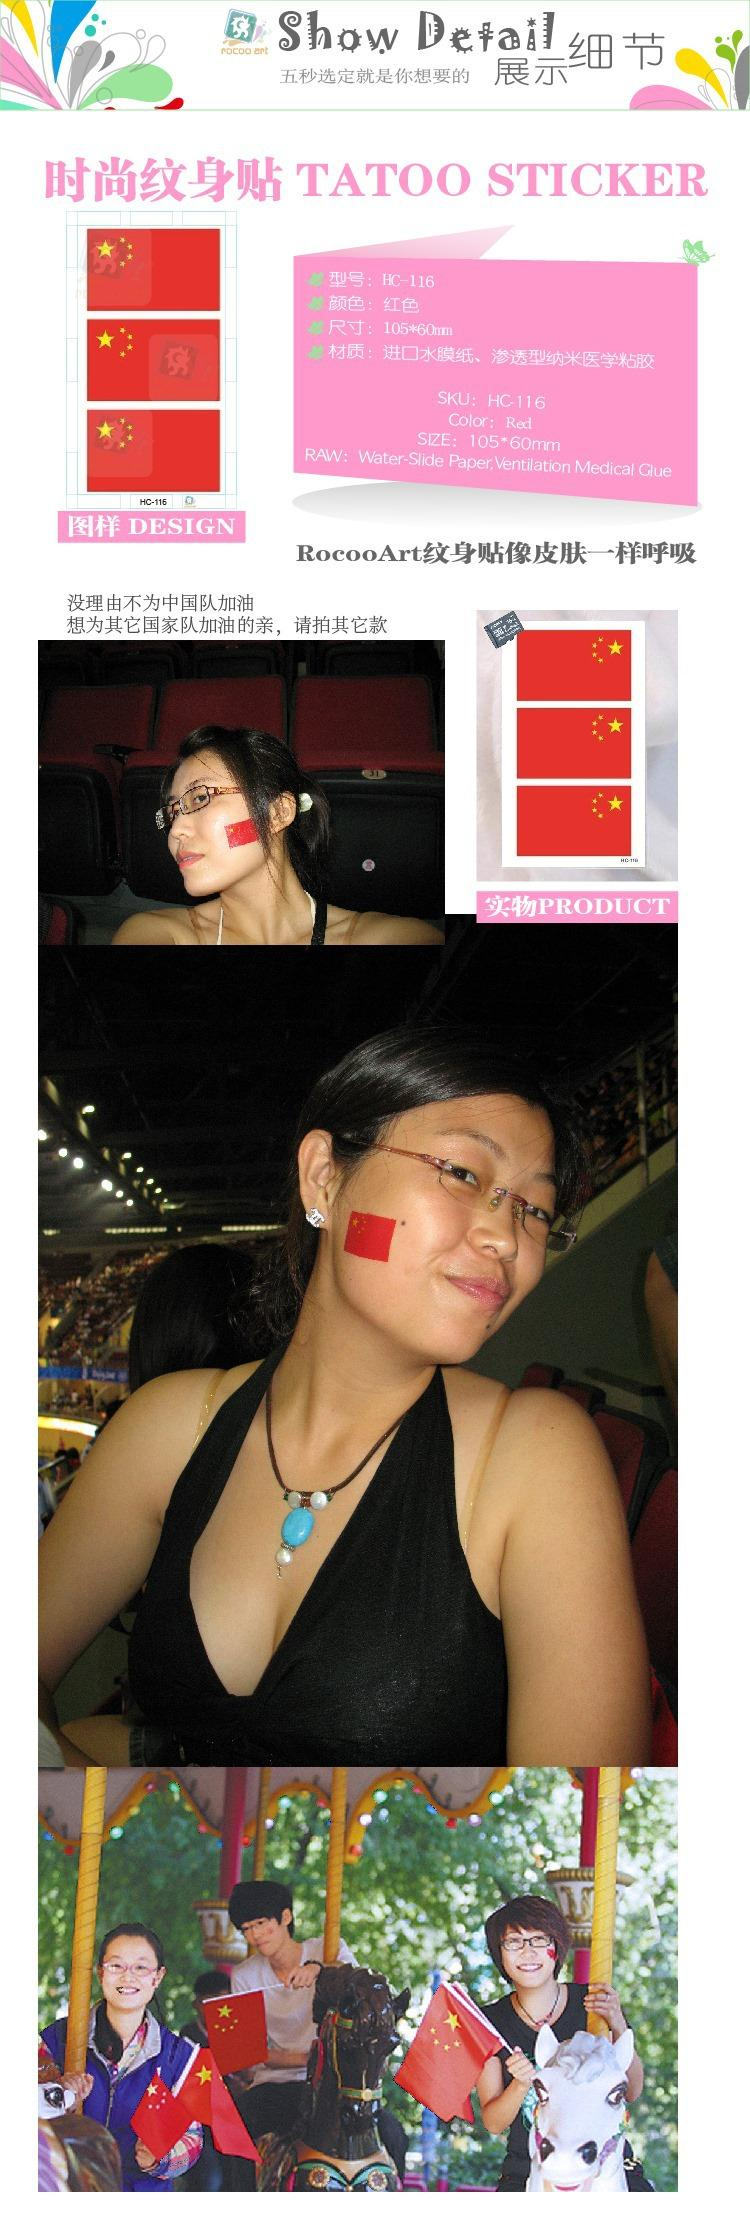 2 Pcs Lots Pakai Stiker Tato Tahan Air Kecil Dan Segar Hc1116 Sepatu Kantor Wanita Rc312 Aeproductgetsubject